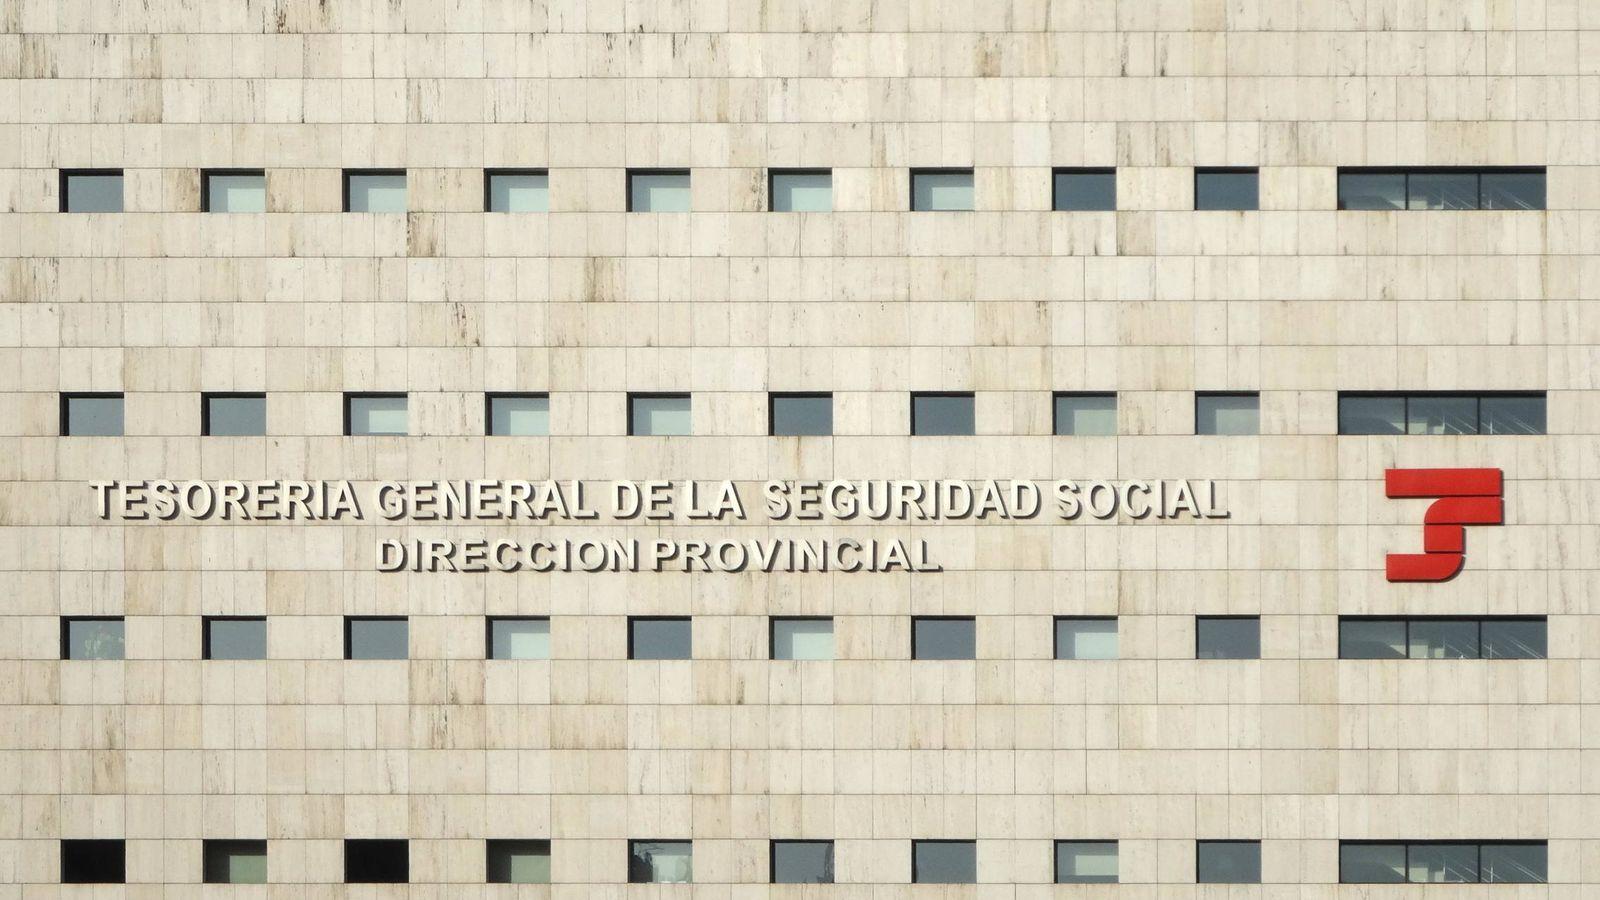 Foto: Dirección General de la Tesorería General de la Seguridad Social en Sevilla (Wikimedia Commons)